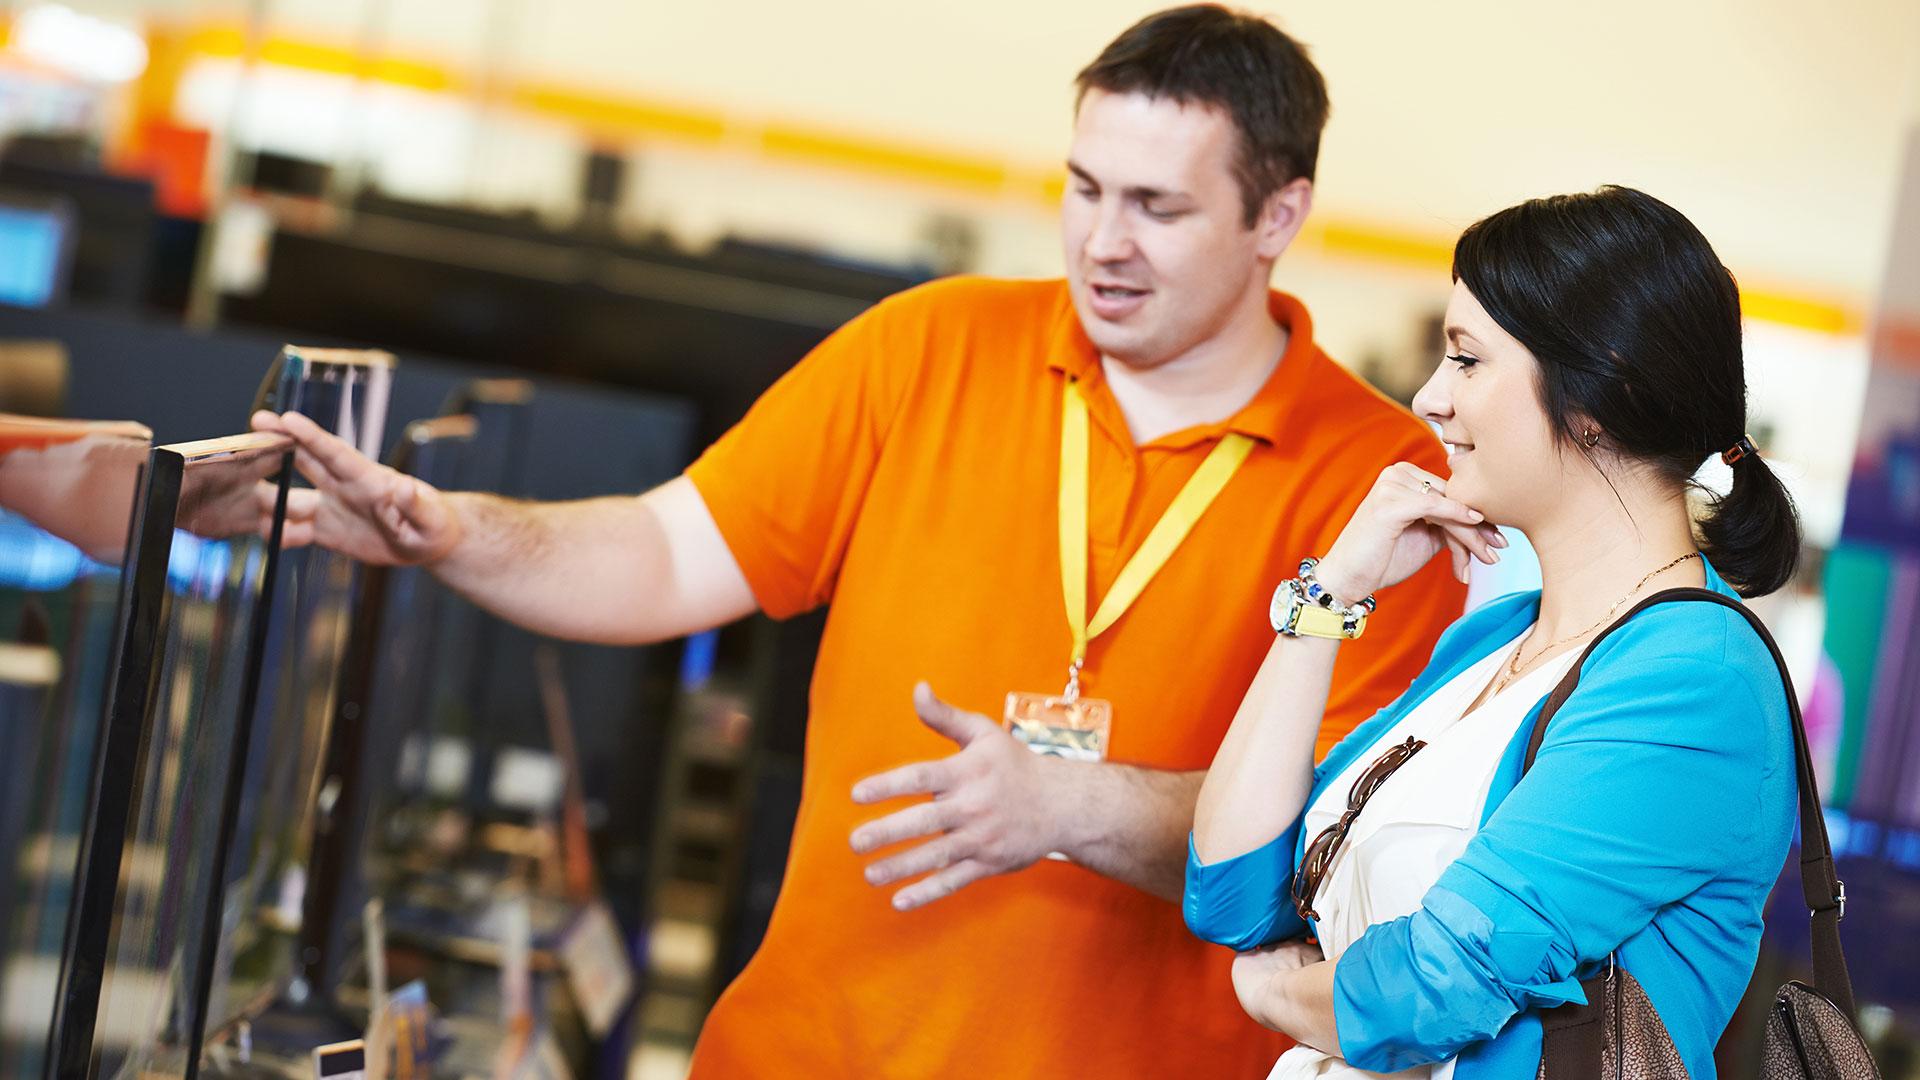 Cercasi 1 commesso/a di vendita per tirocinio presso azienda servizi tecnologici/informatici a Lanusei (NU)